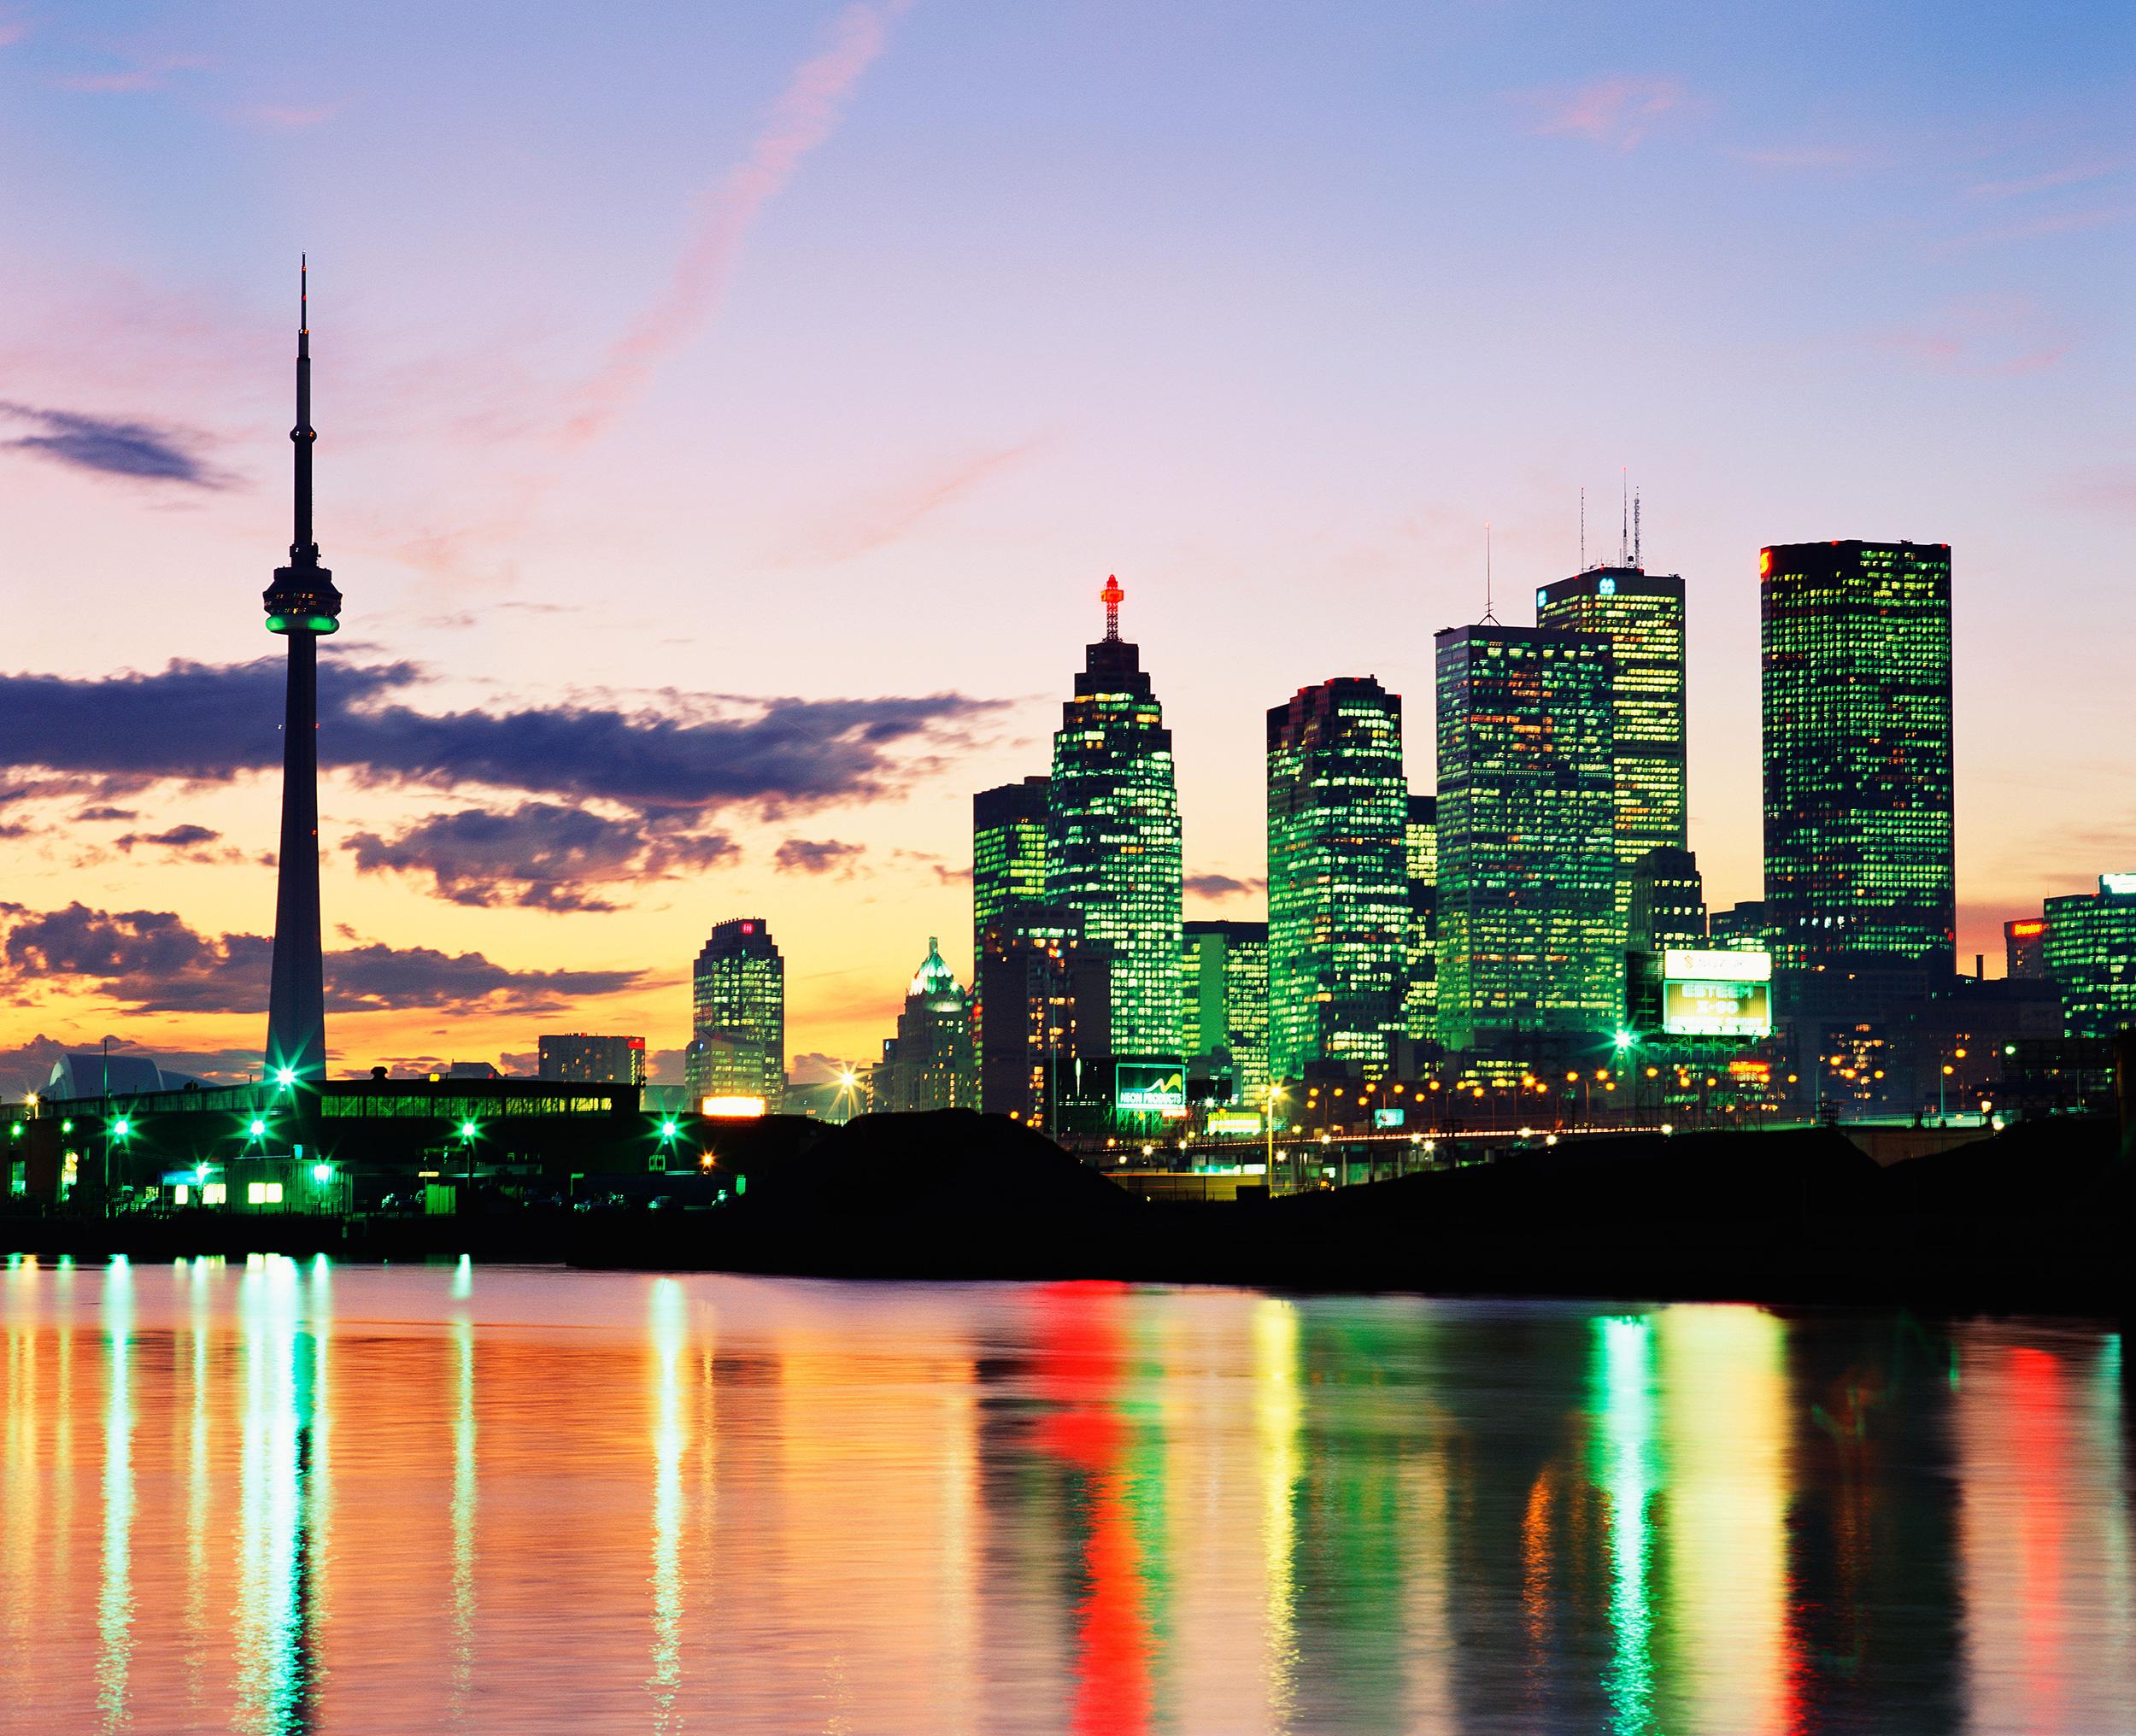 Toronto ON